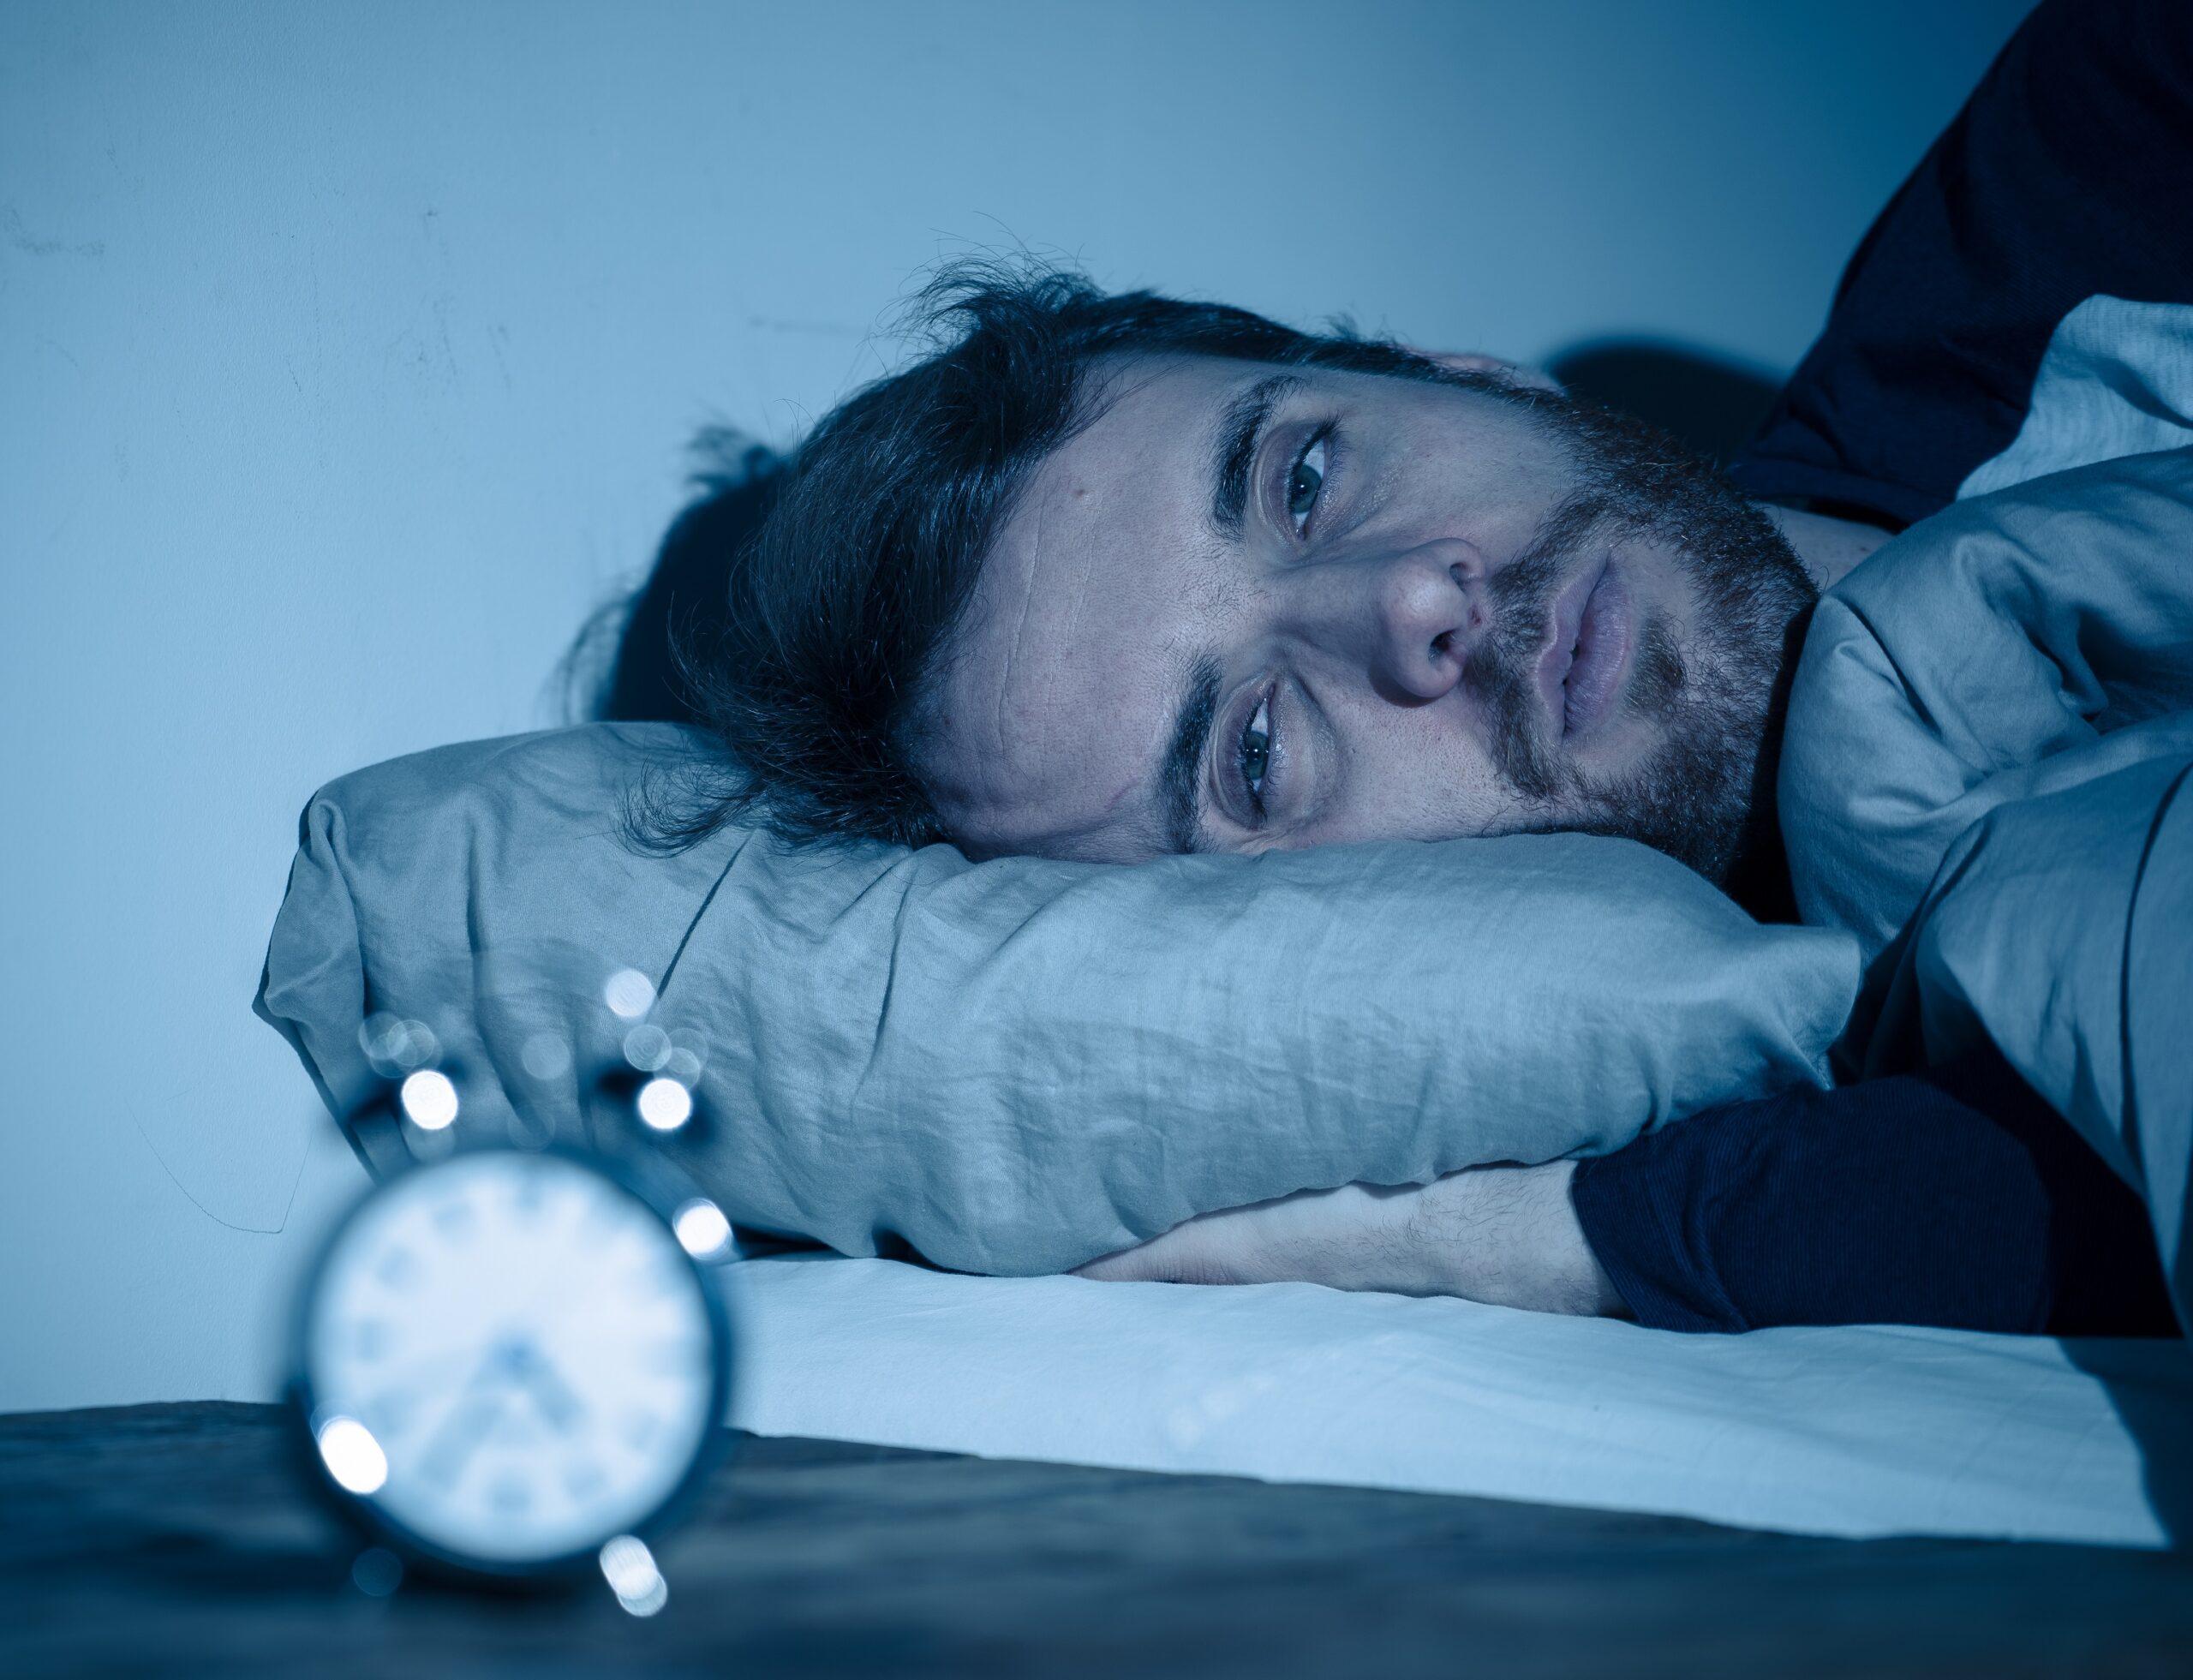 Erken Uyumak İçin Alışkanlık Hale Getirmeniz Gerekenler